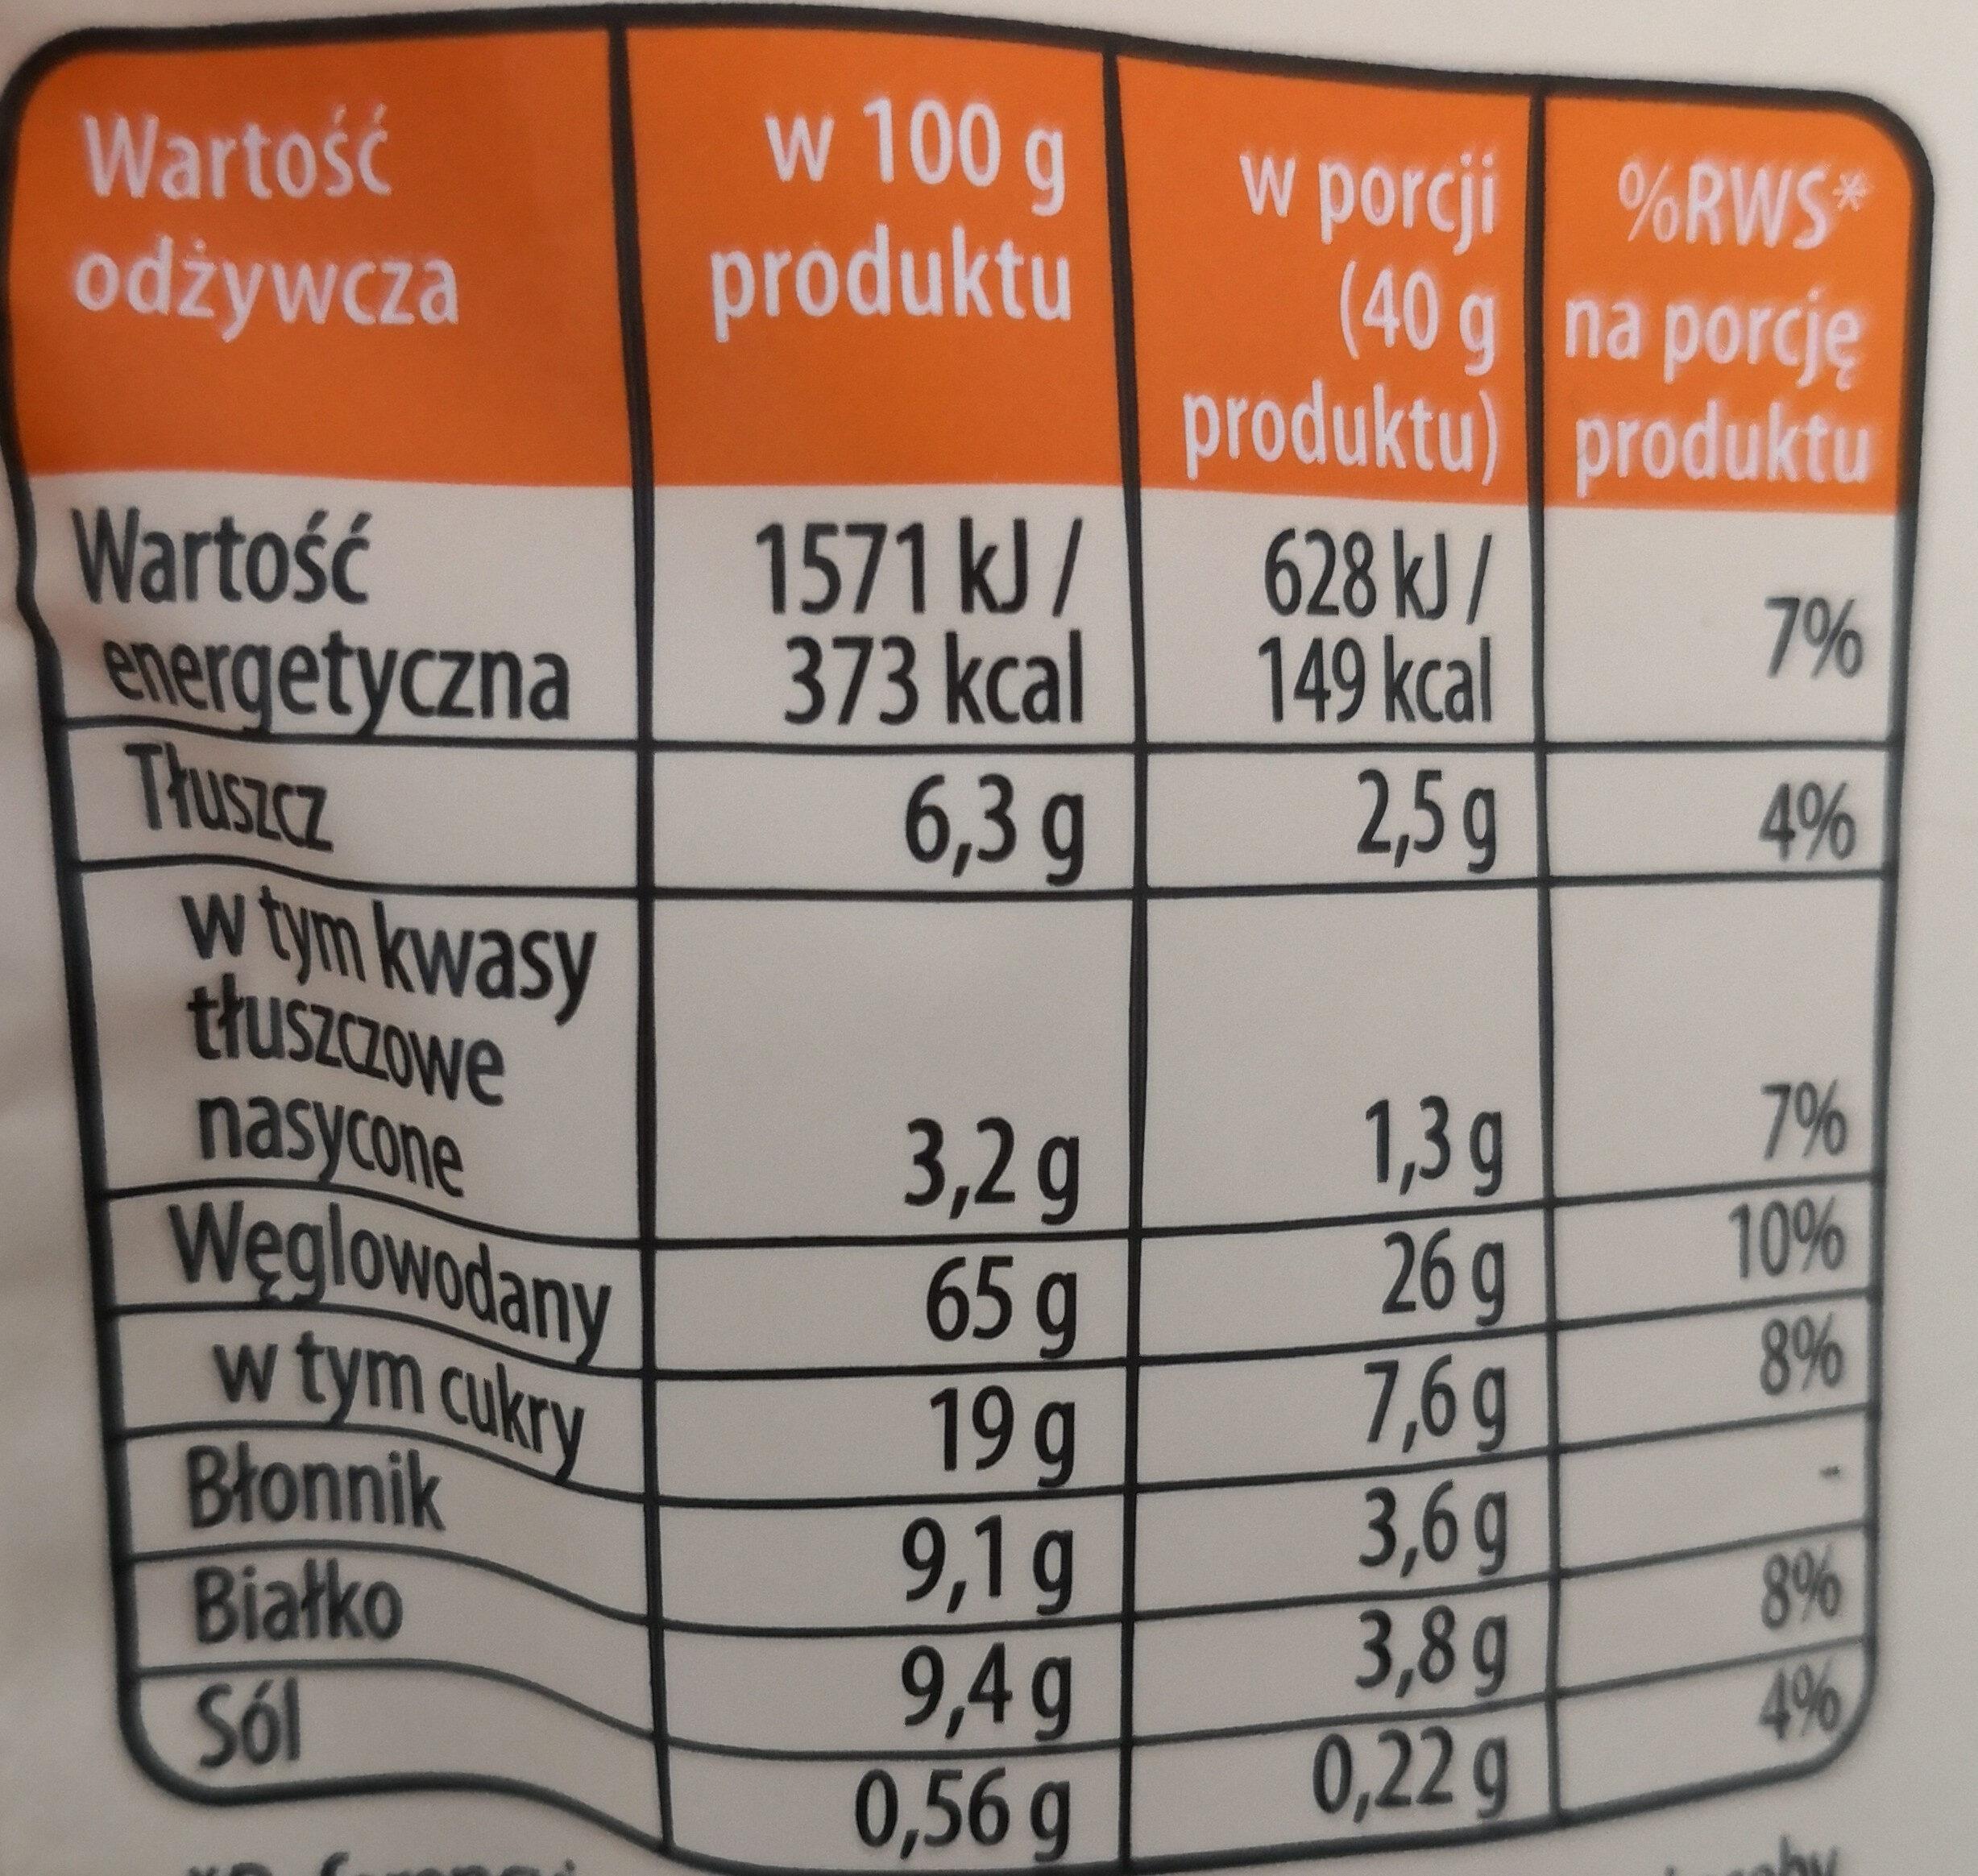 Muslim z owocami tropikalnymi - Wartości odżywcze - pl